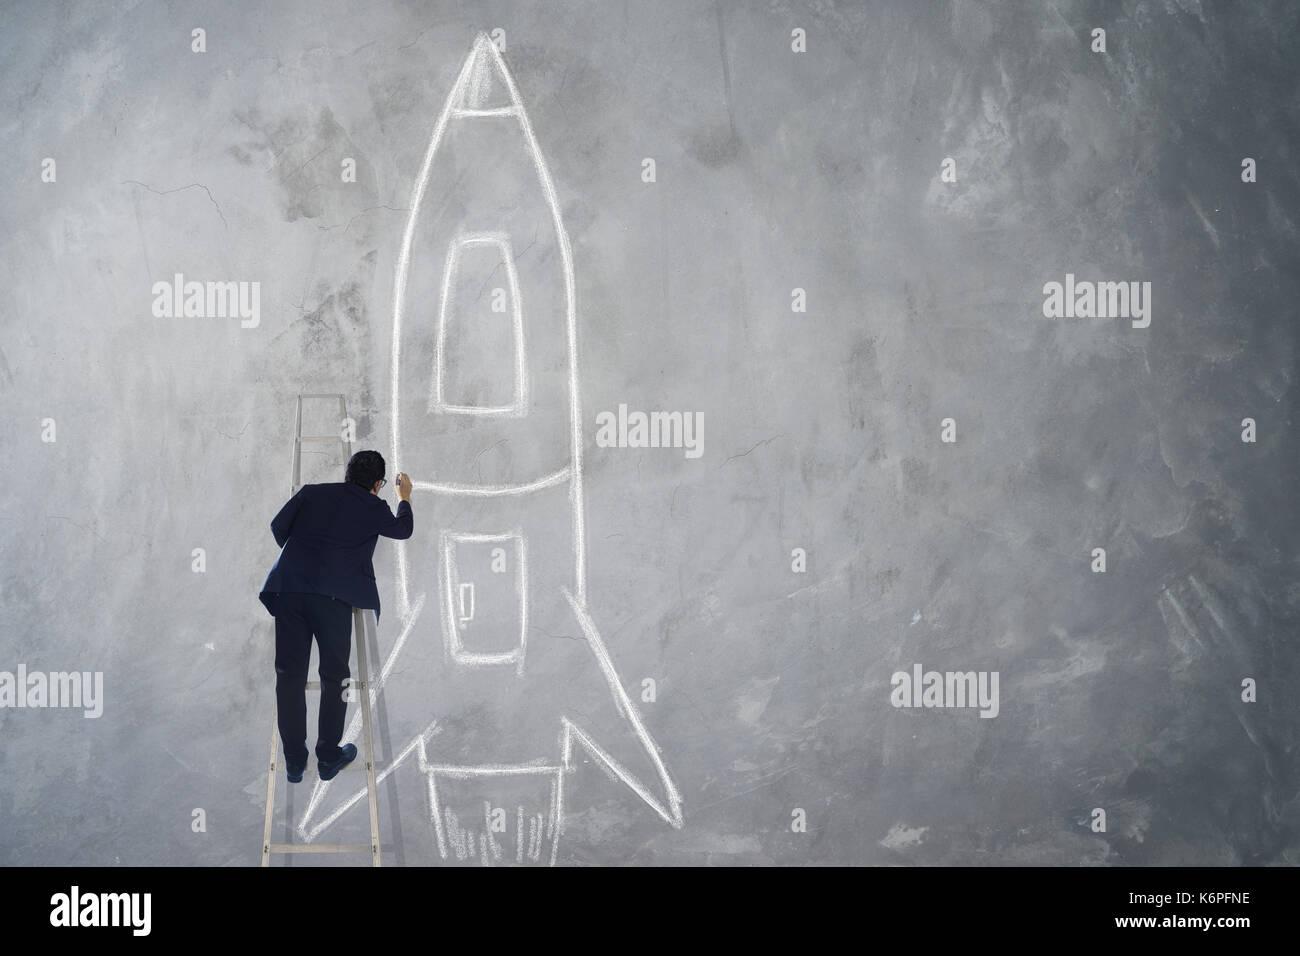 Imprenditore salire scale razzo di disegno disegna sulla parete , il successo, leader e vincitore concetto . Immagini Stock